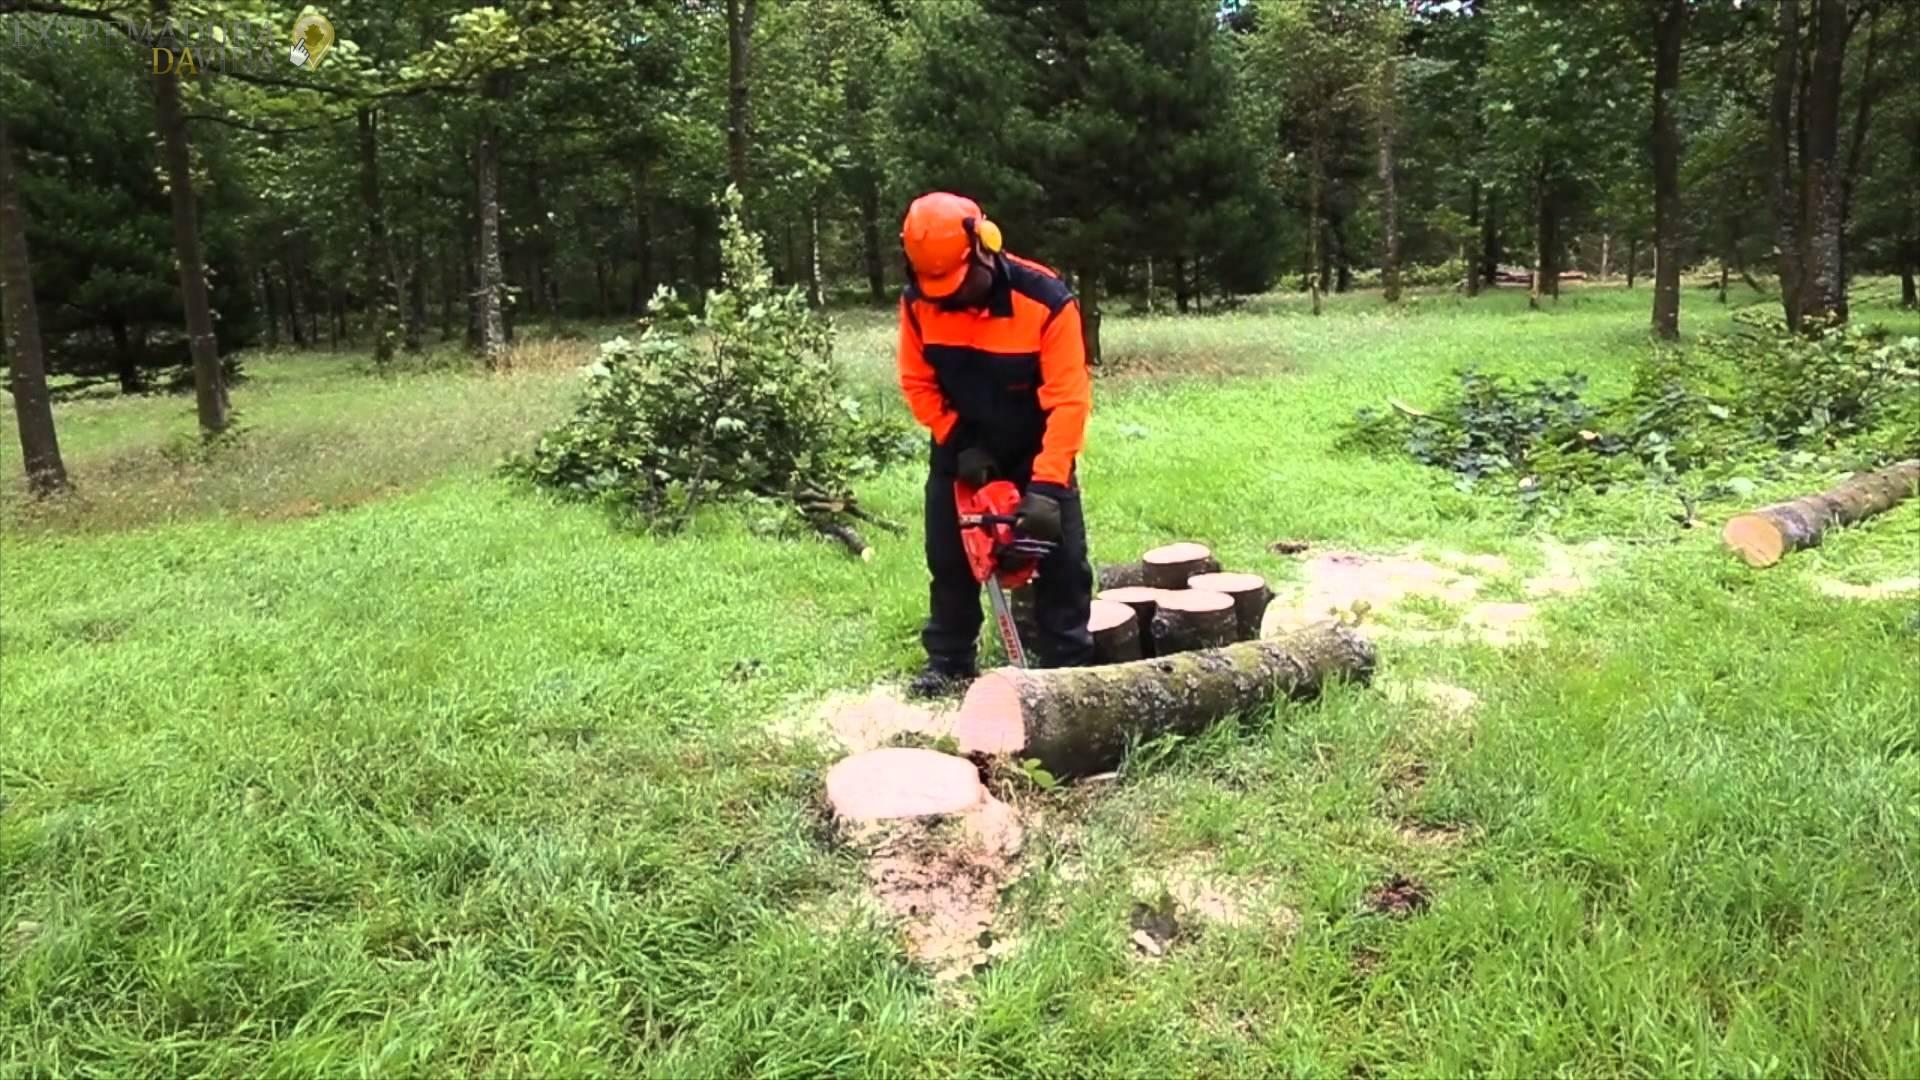 Reparación , Venta y Alquiler De Maquinaria Jardín , Agrícola Forestal Y Ganadera En Zafra Garber E Hijos